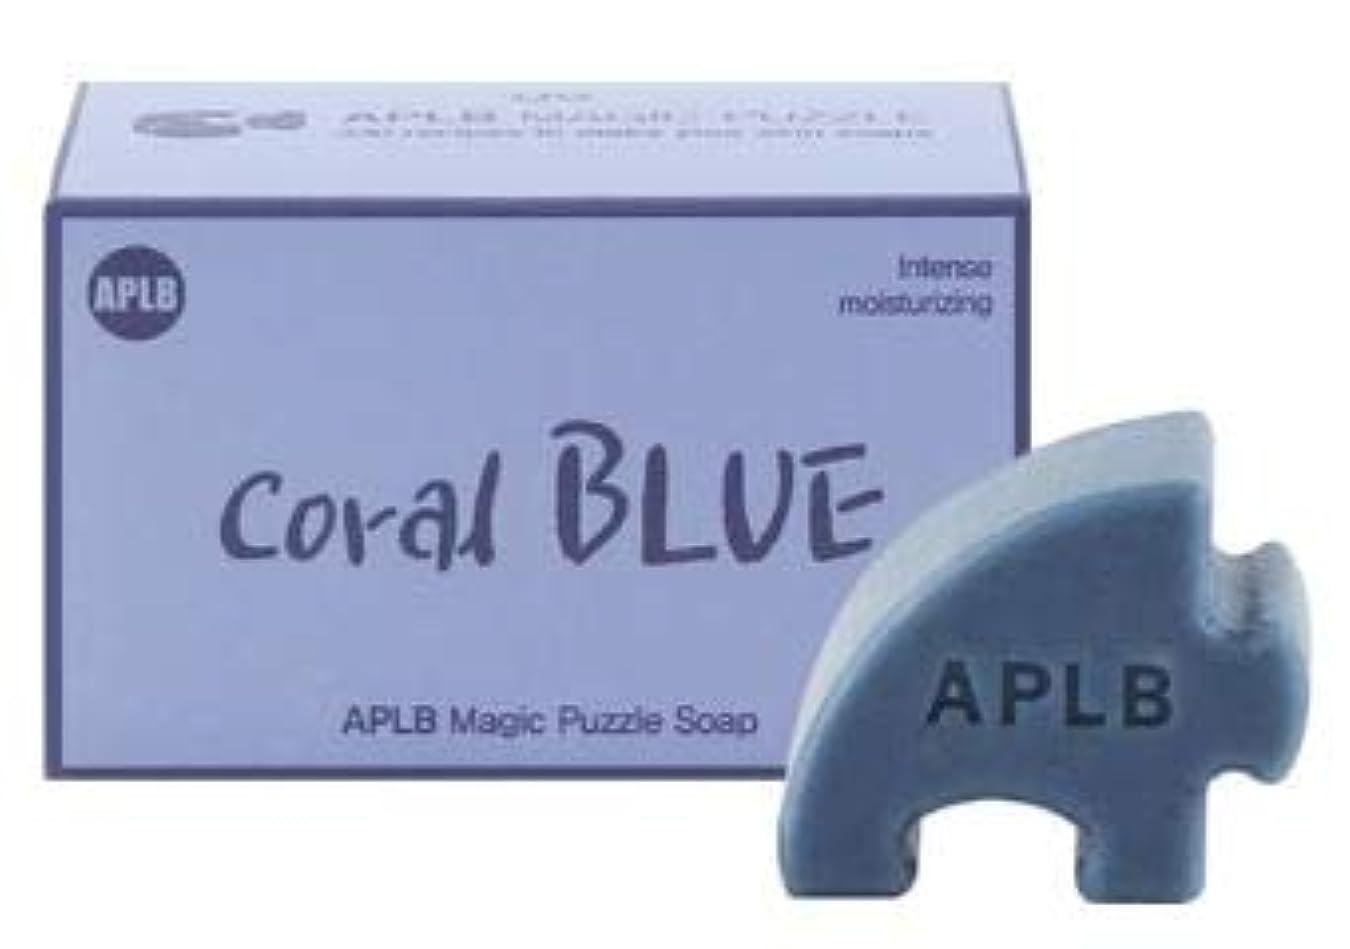 誇張するハッチストレスAPLB(エイプルビ) マジックパズル天然石鹸 05 CORAL BLUE セット 27g